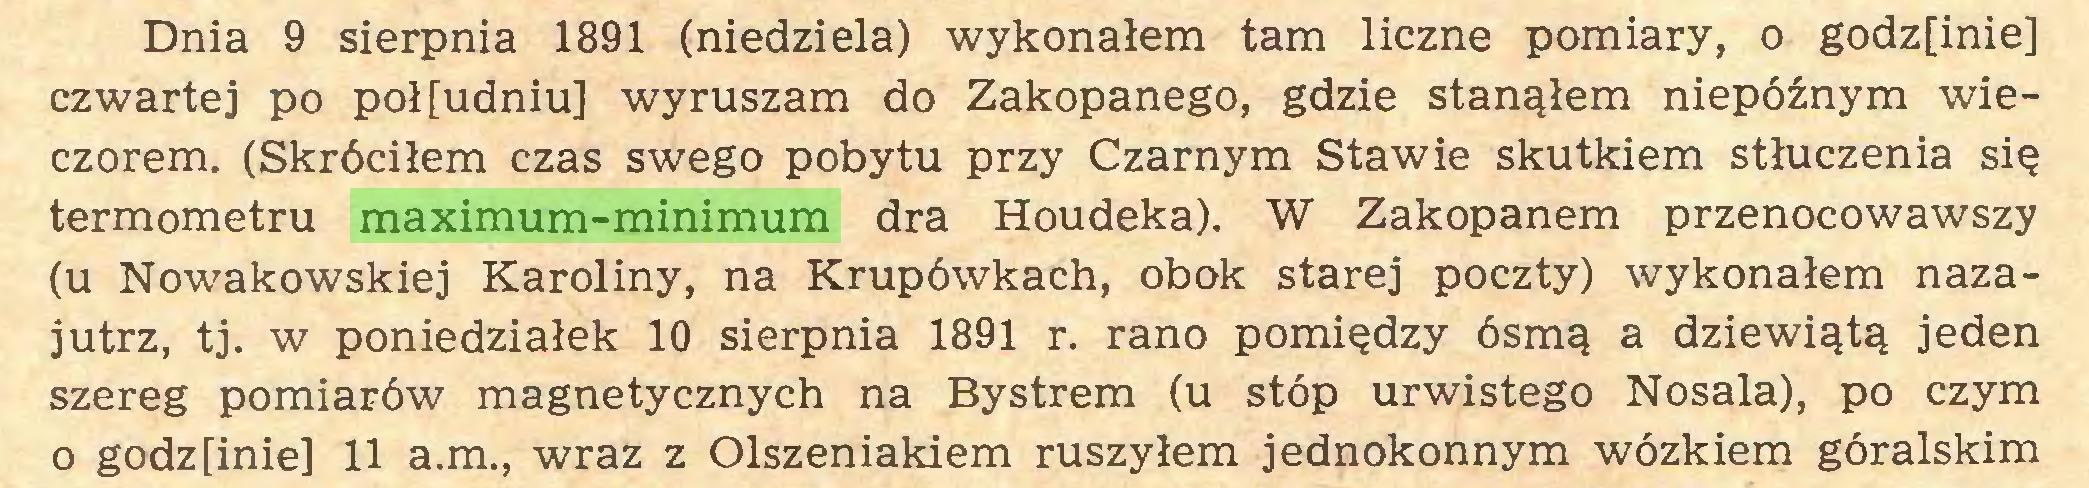 (...) Dnia 9 sierpnia 1891 (niedziela) wykonałem tam liczne pomiary, o godz[inie] czwartej po poł[udniu] wyruszam do Zakopanego, gdzie stanąłem niepóźnym wieczorem. (Skróciłem czas swego pobytu przy Czarnym Stawie skutkiem stłuczenia się termometru maximum-minimum dra Houdeka). W Zakopanem przenocowawszy (u Nowakowskiej Karoliny, na Krupówkach, obok starej poczty) wykonałem nazajutrz, tj. w poniedziałek 10 sierpnia 1891 r. rano pomiędzy ósmą a dziewiątą jeden szereg pomiarów magnetycznych na Bystrem (u stóp urwistego Nosala), po czym o godzfinie] 11 a.m., wraz z Olszeniakiem ruszyłem jednokonnym wózkiem góralskim...